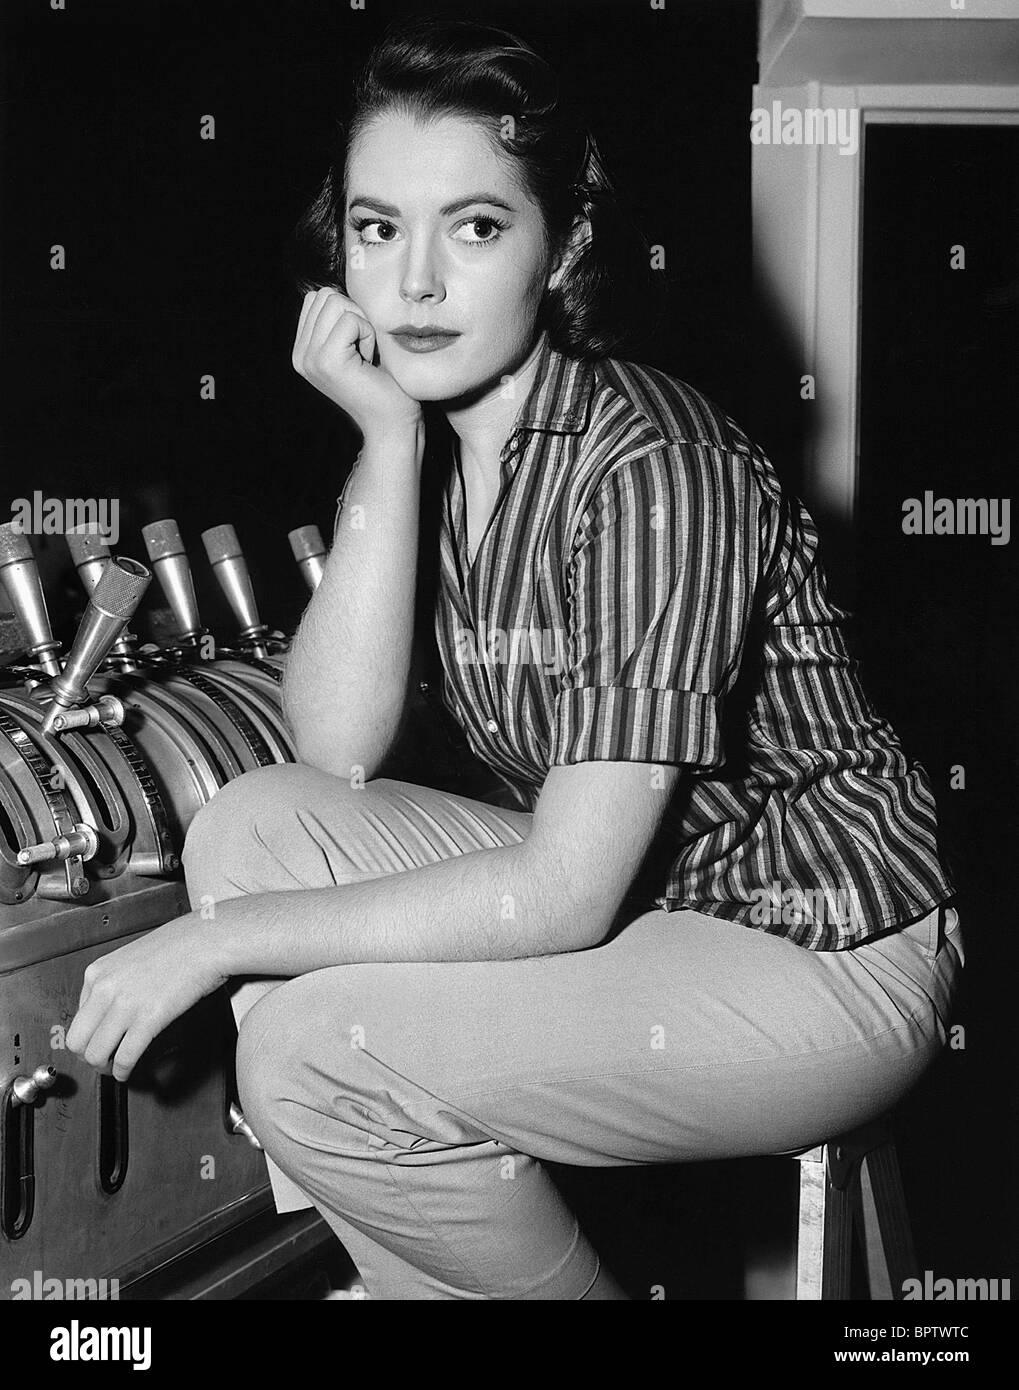 SUSAN KOHNER ACTRESS (1958 Stock Photo, Royalty Free Image ...